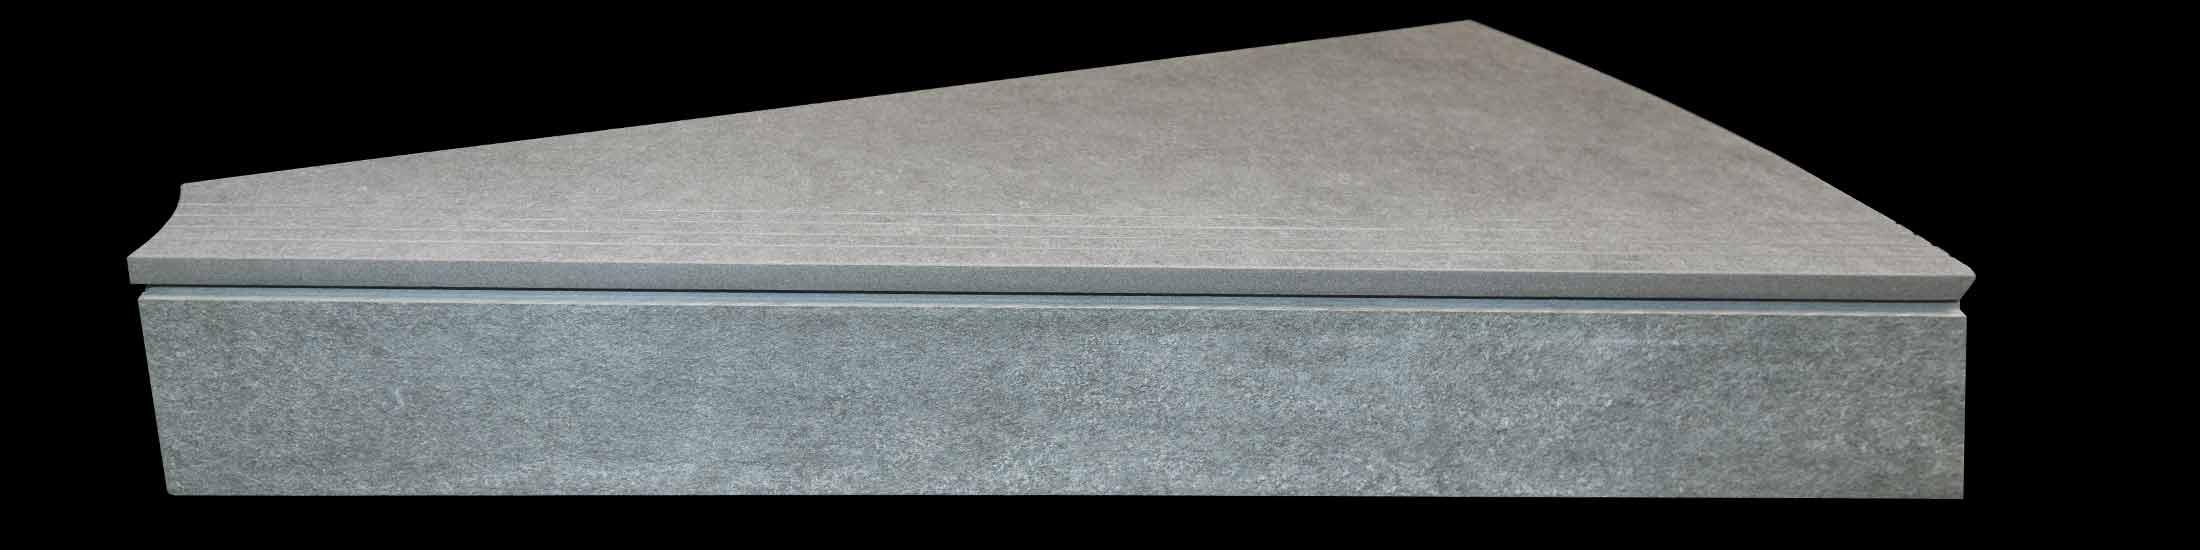 zuschnitte und formteile aus fliesen nach wunsch cerasell. Black Bedroom Furniture Sets. Home Design Ideas